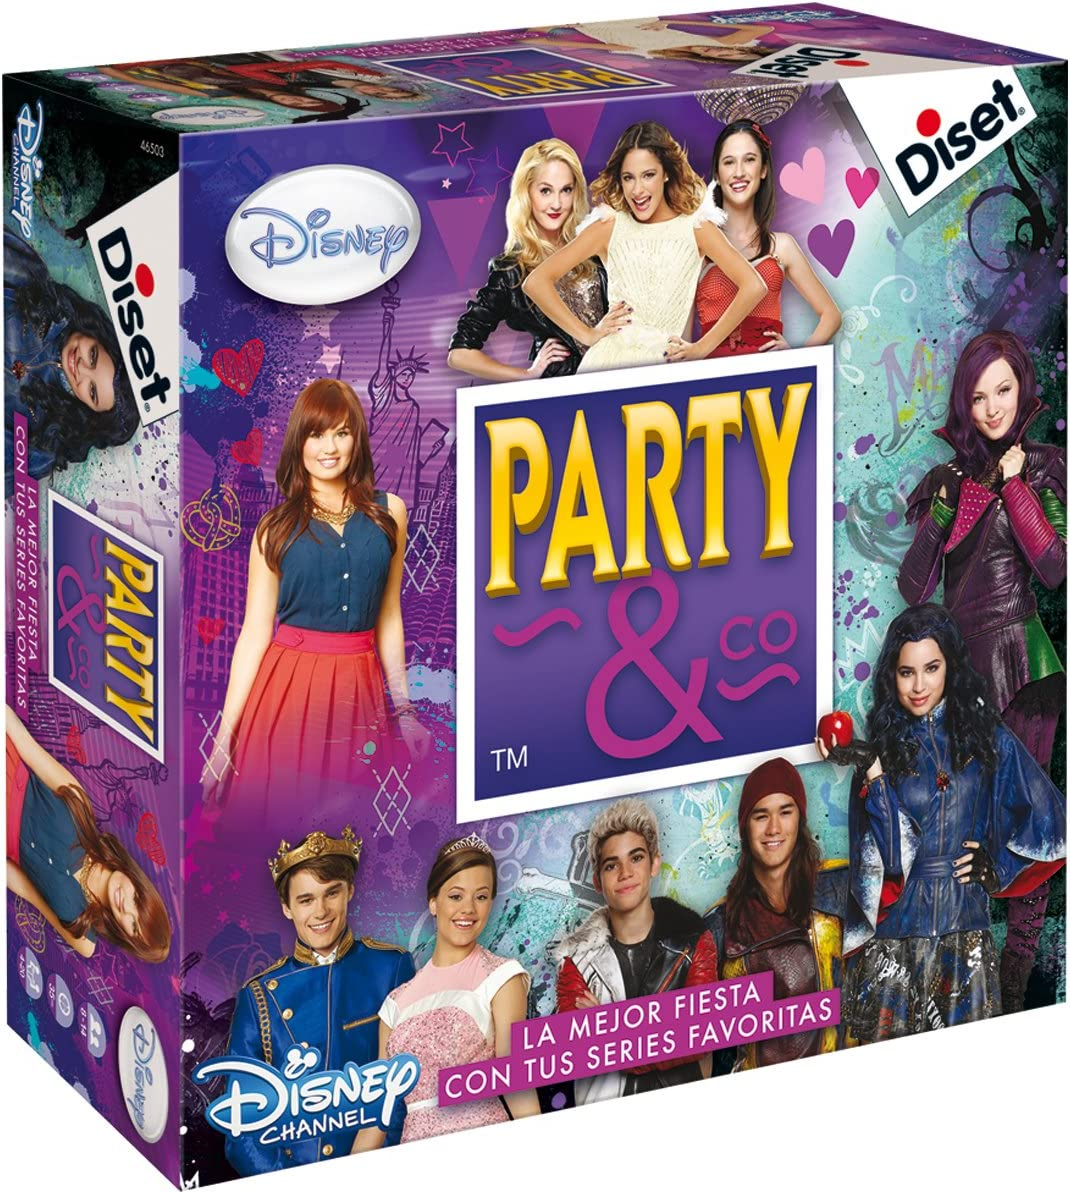 Diset Disney - Party & Co 3.0, Juego de Mesa 46503: Amazon.es ...